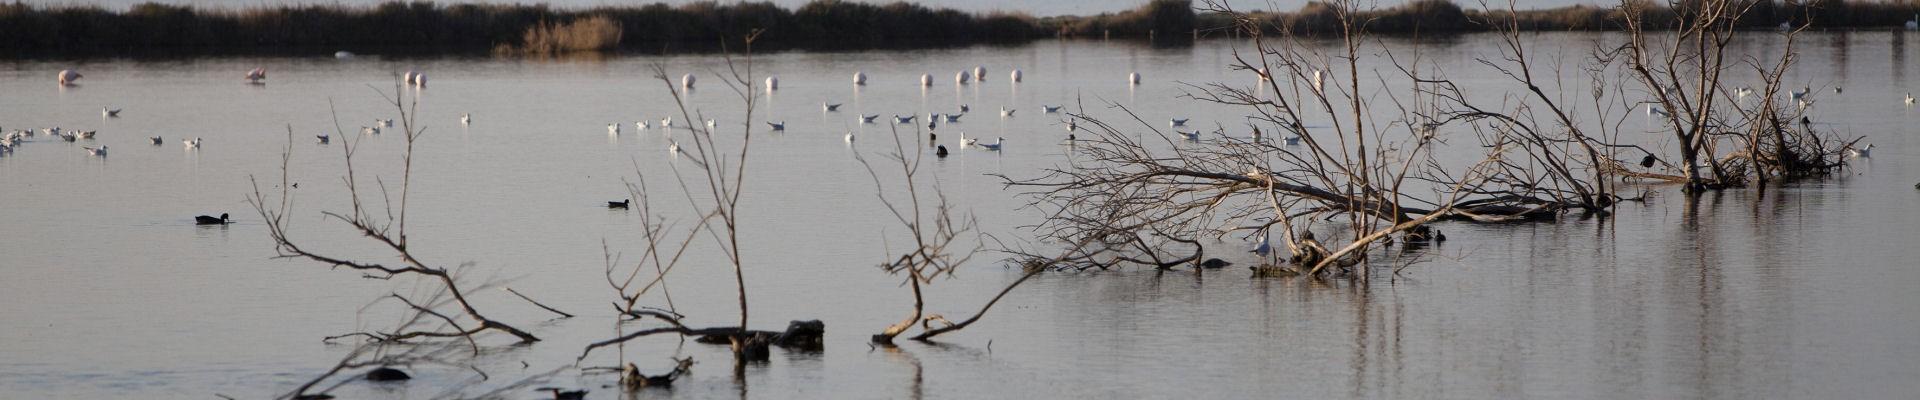 Etang de Berre - Oiseaux sur l'eau - Signe et Flamant Rose- Martigues